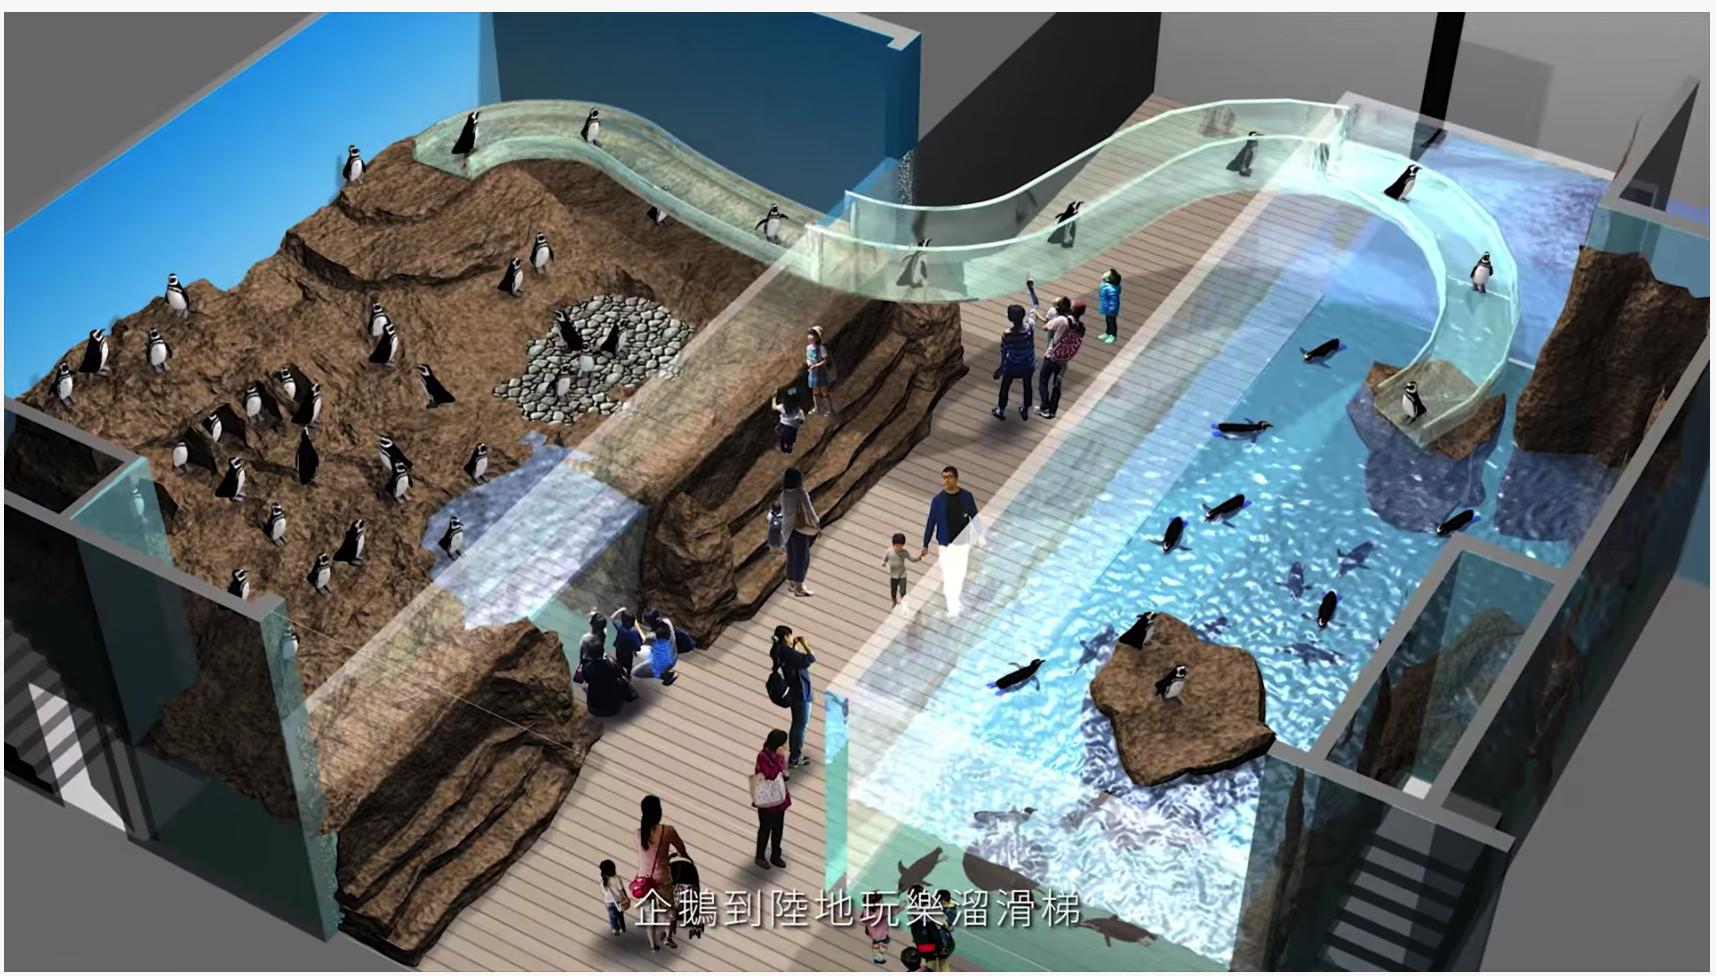 影/桃園超夢幻Xpark水族館開幕日、票價曝光! 最美6大看點報你知